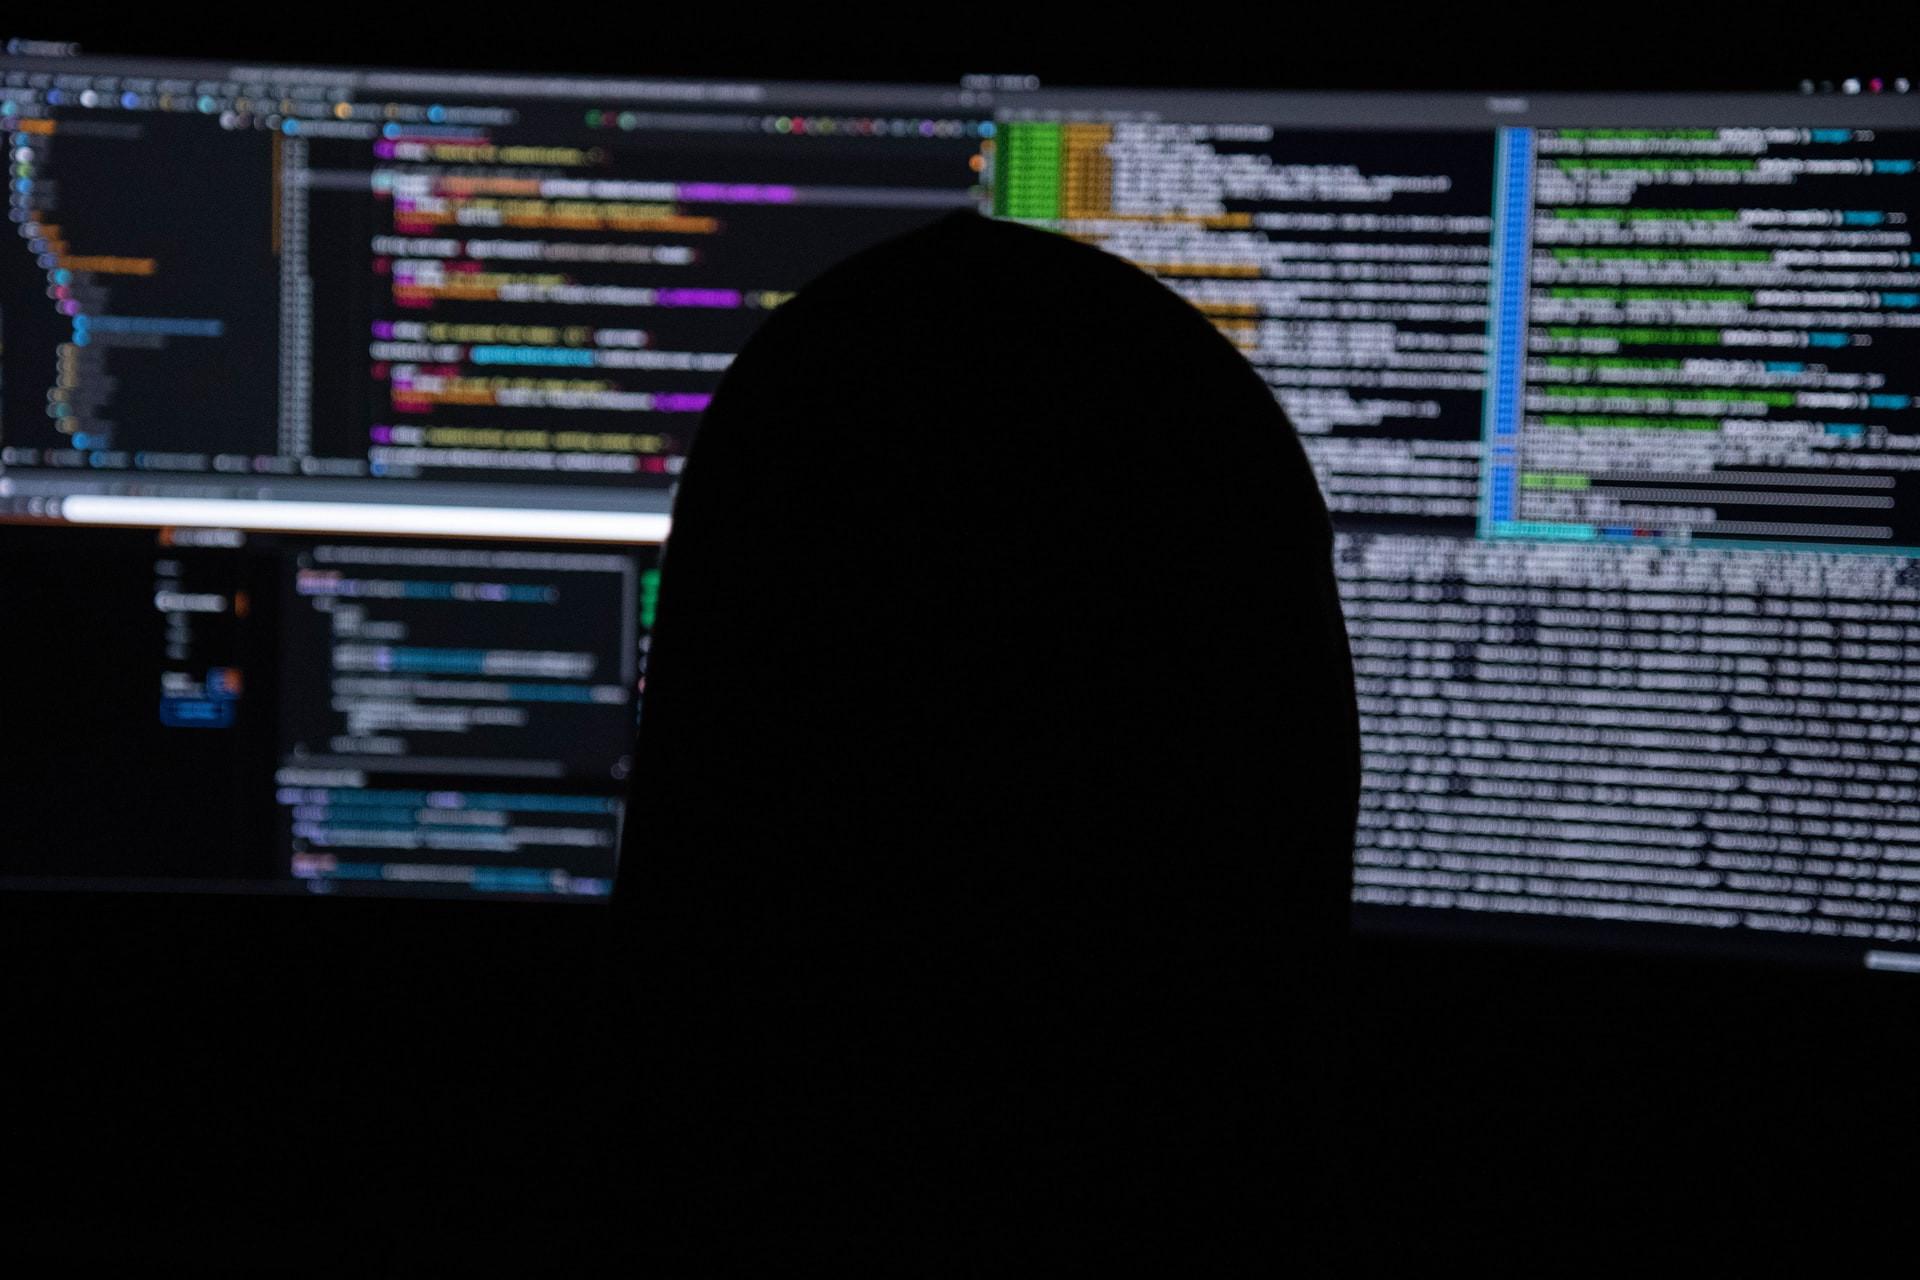 instrucciones-conectarse-ssh-servidor-a-traves-linux